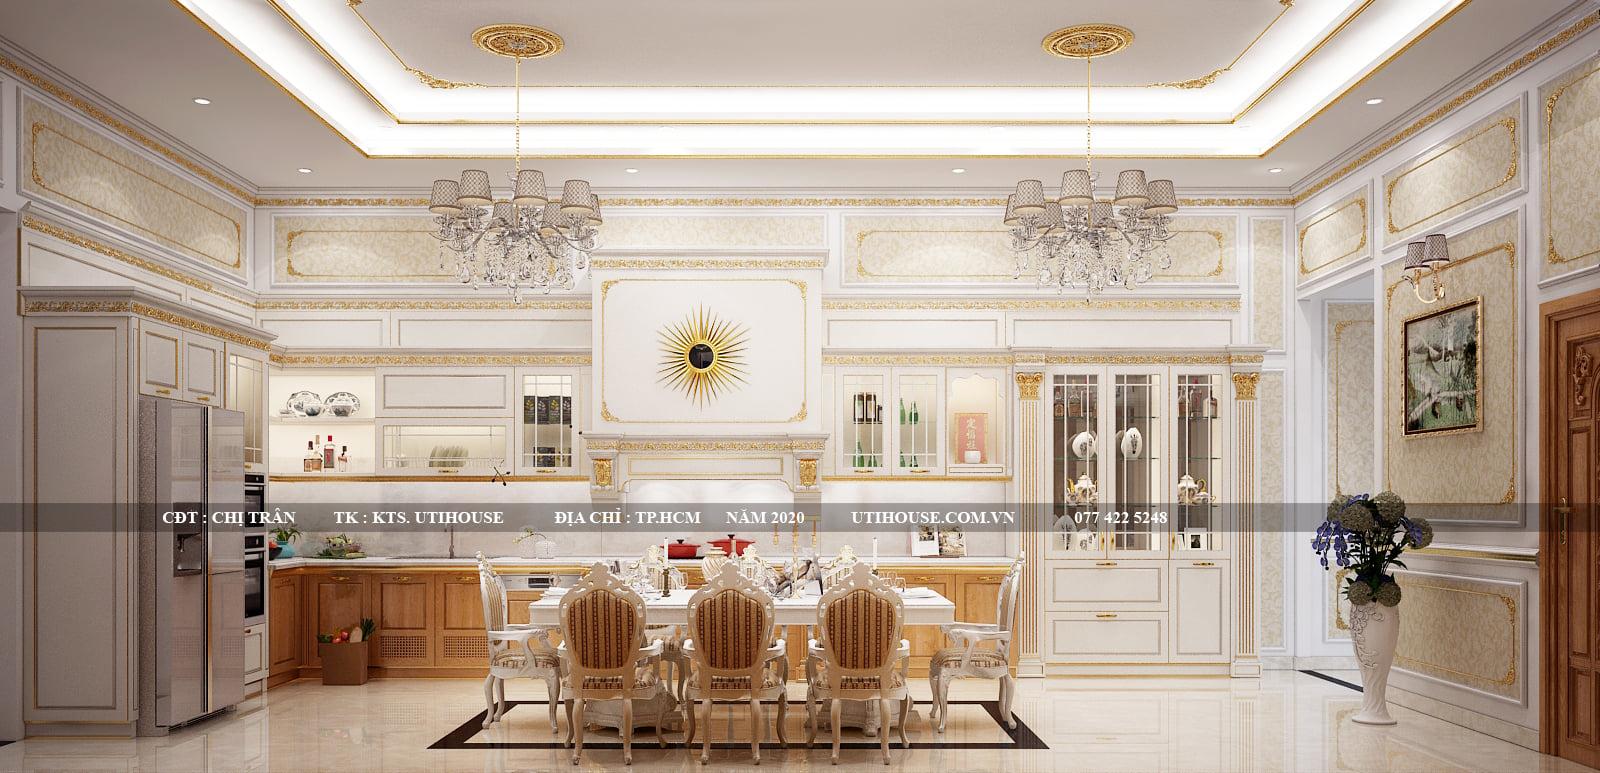 Thiết kế nội thất nhà bếp biệt thự đẹp dùng màu trắng làm chủ đạo